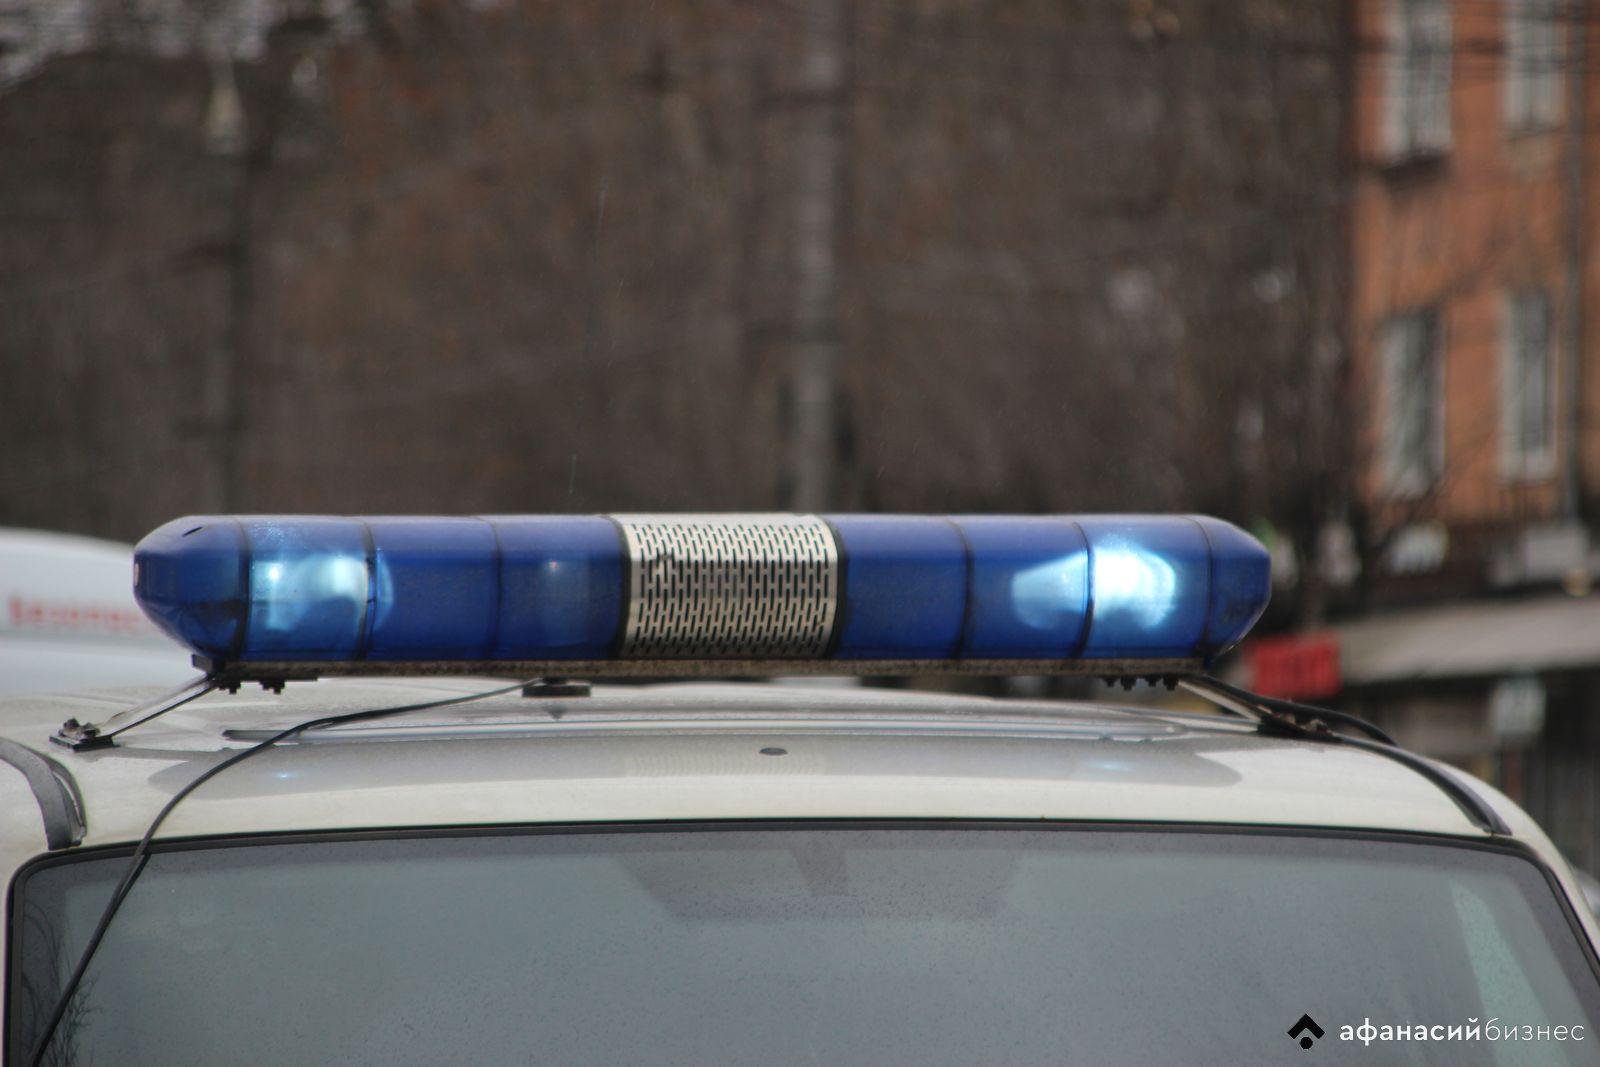 Грабитель напал на прохожего на вечерней улице Торжка - новости Афанасий